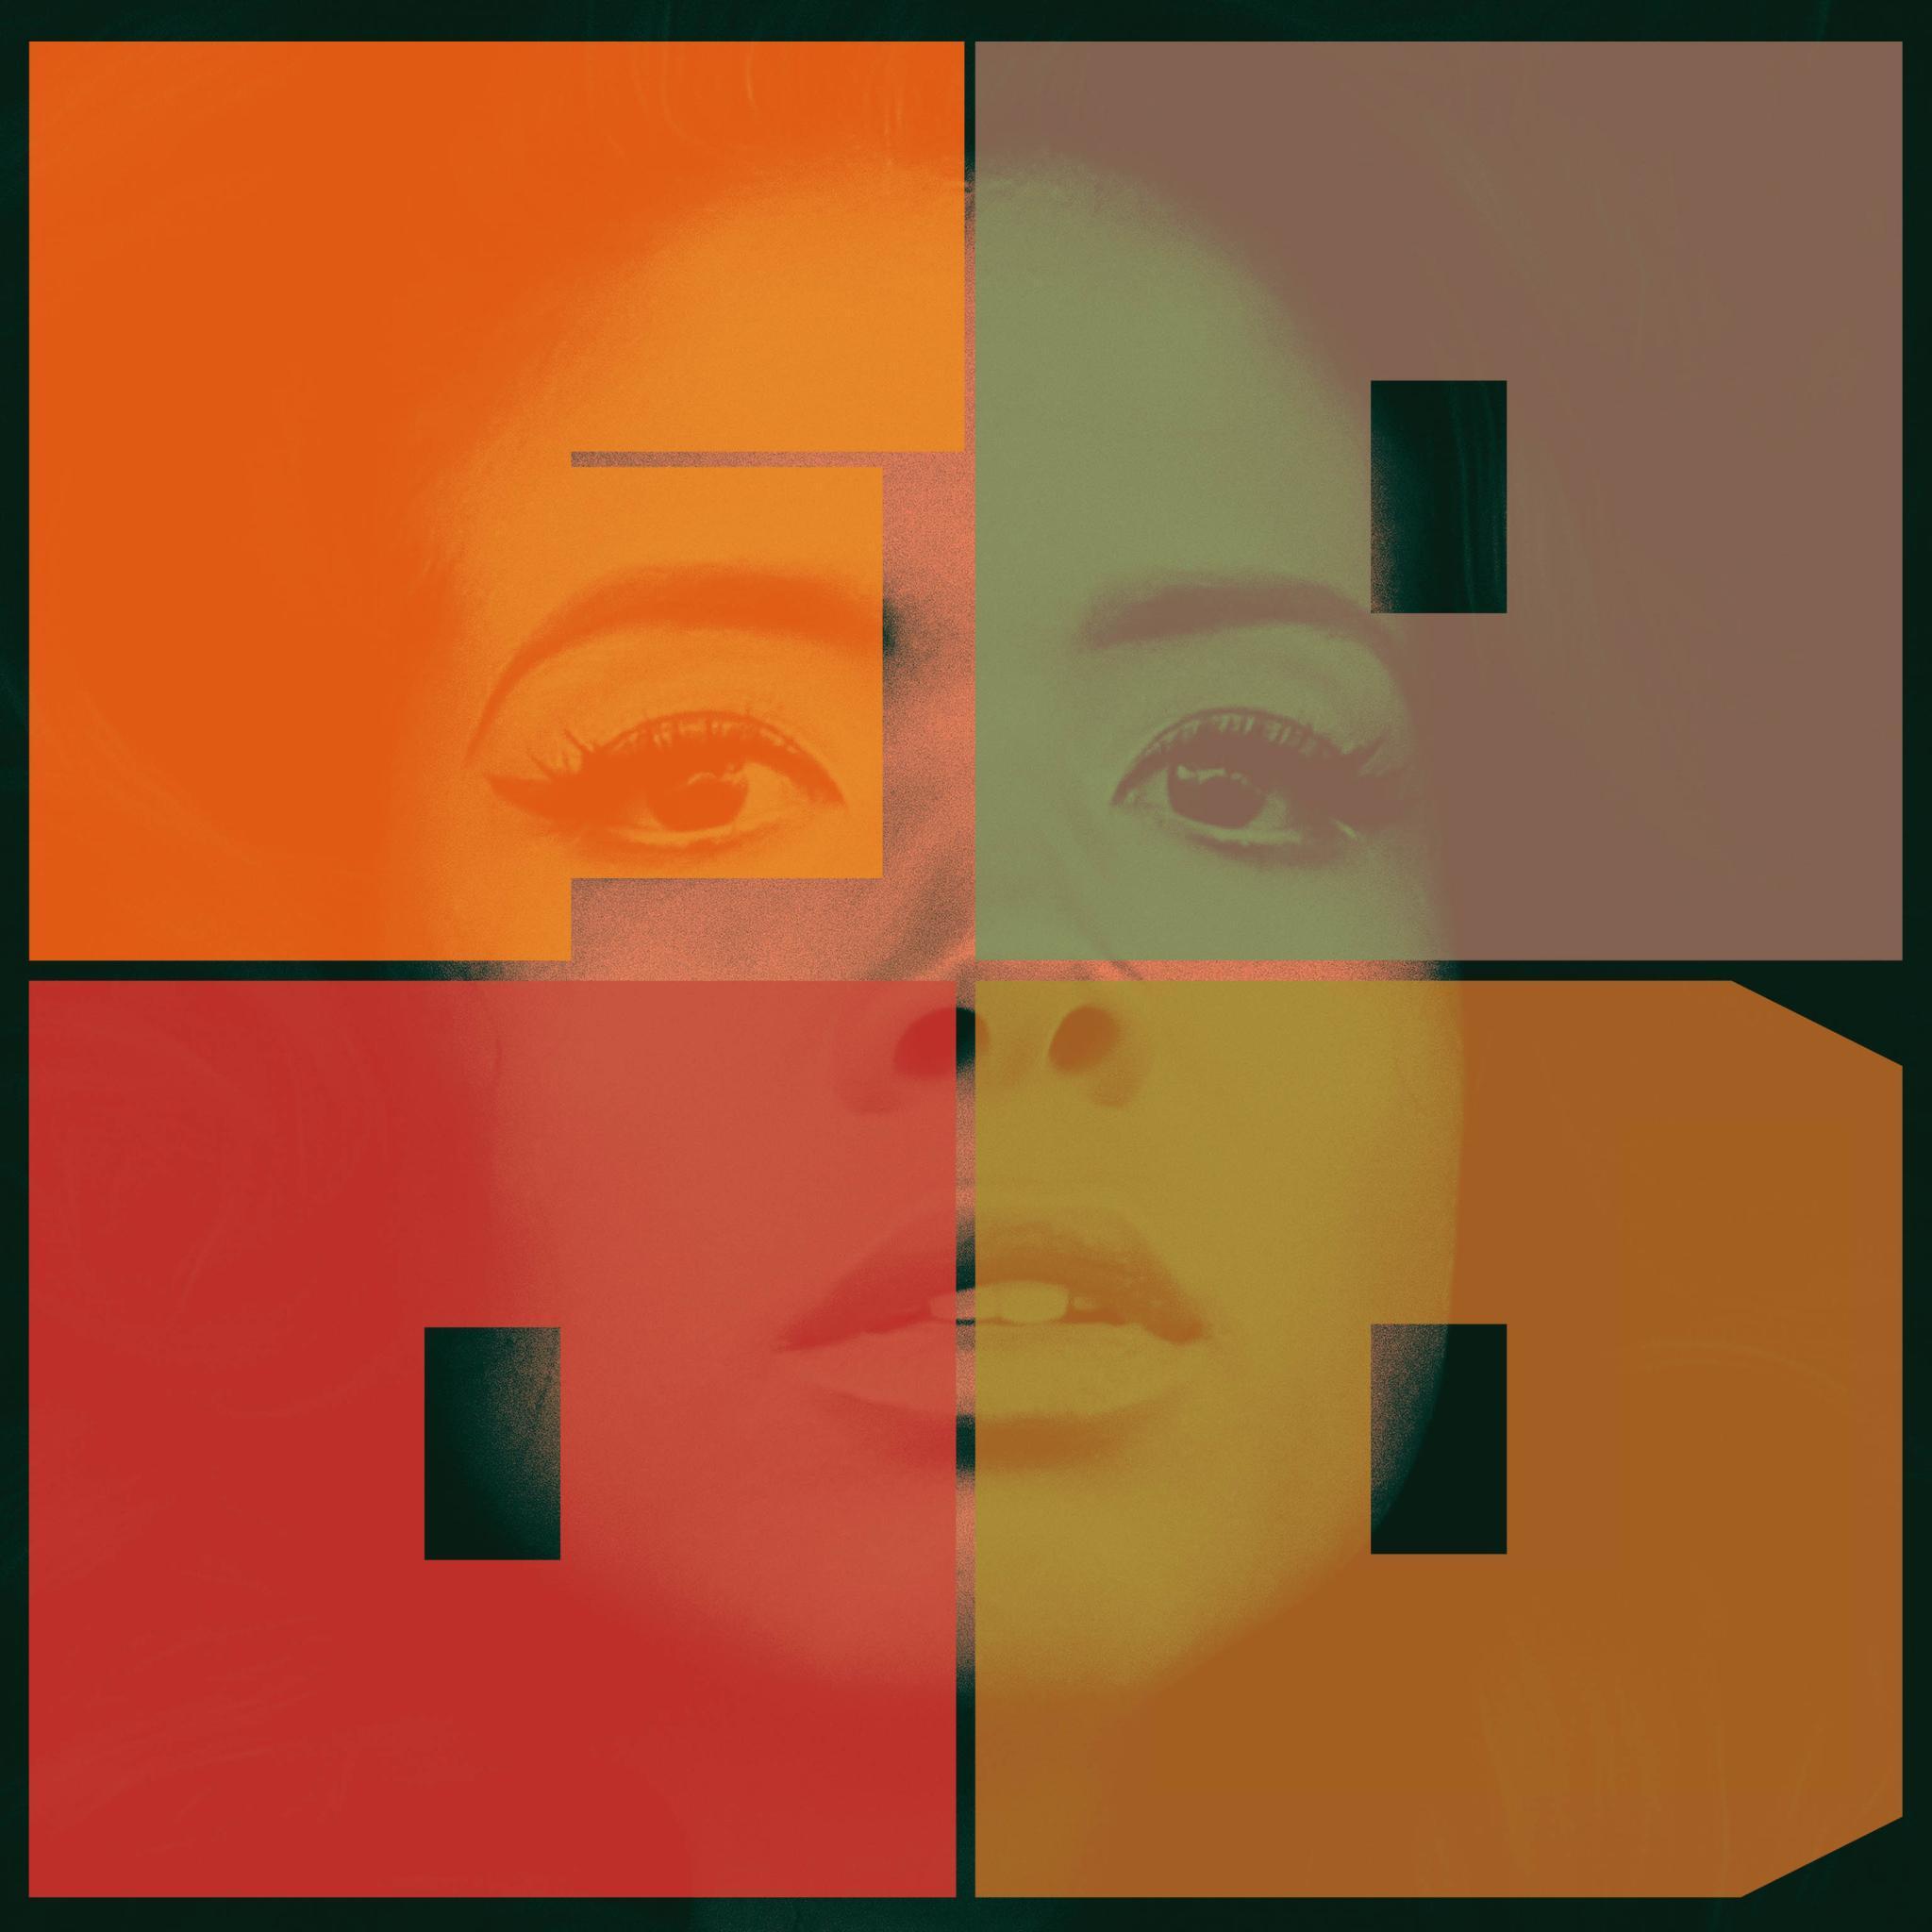 """Ihr neues Album """"Food"""" überzeugt mit Retro-Soul, warm, nah, mit wummernden Bässen und knackigen Bläsern - """"Shaft"""" meets Pharrell Williams. Besonders gelungen sind die stillen Songs wie """"Biscuits'n'Gravy""""."""